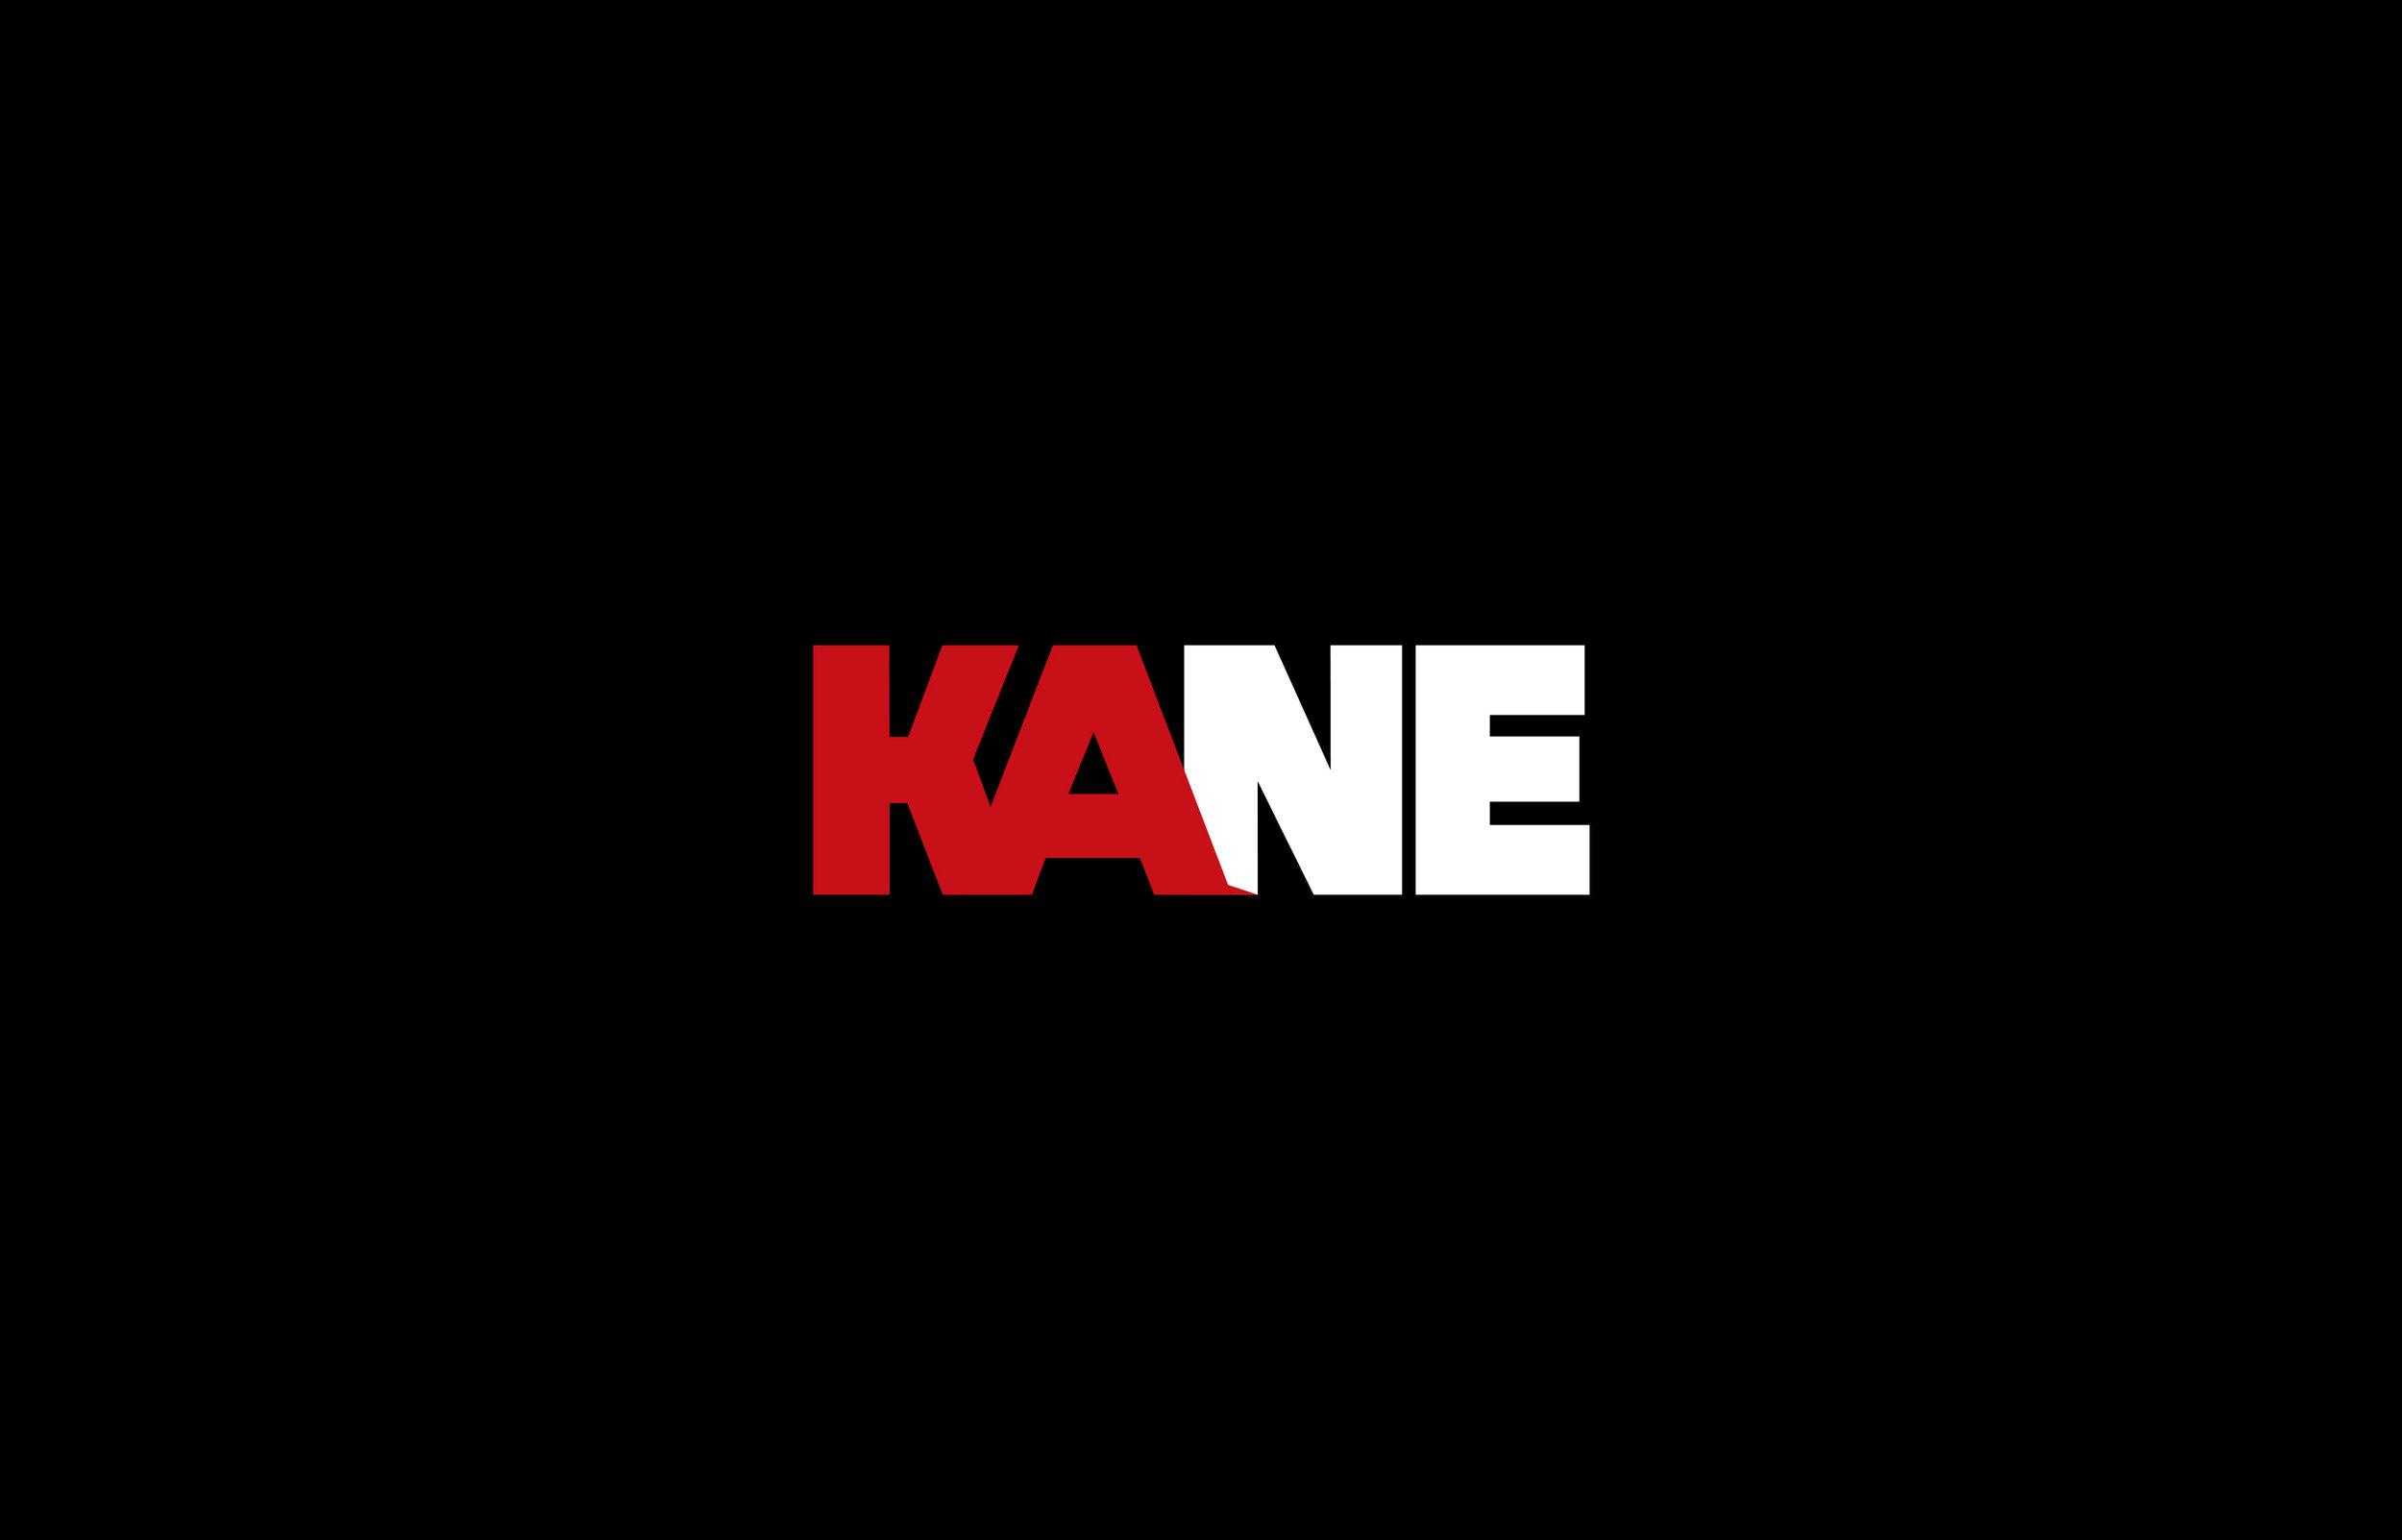 KANE_SPLASH_BLACK.jpg